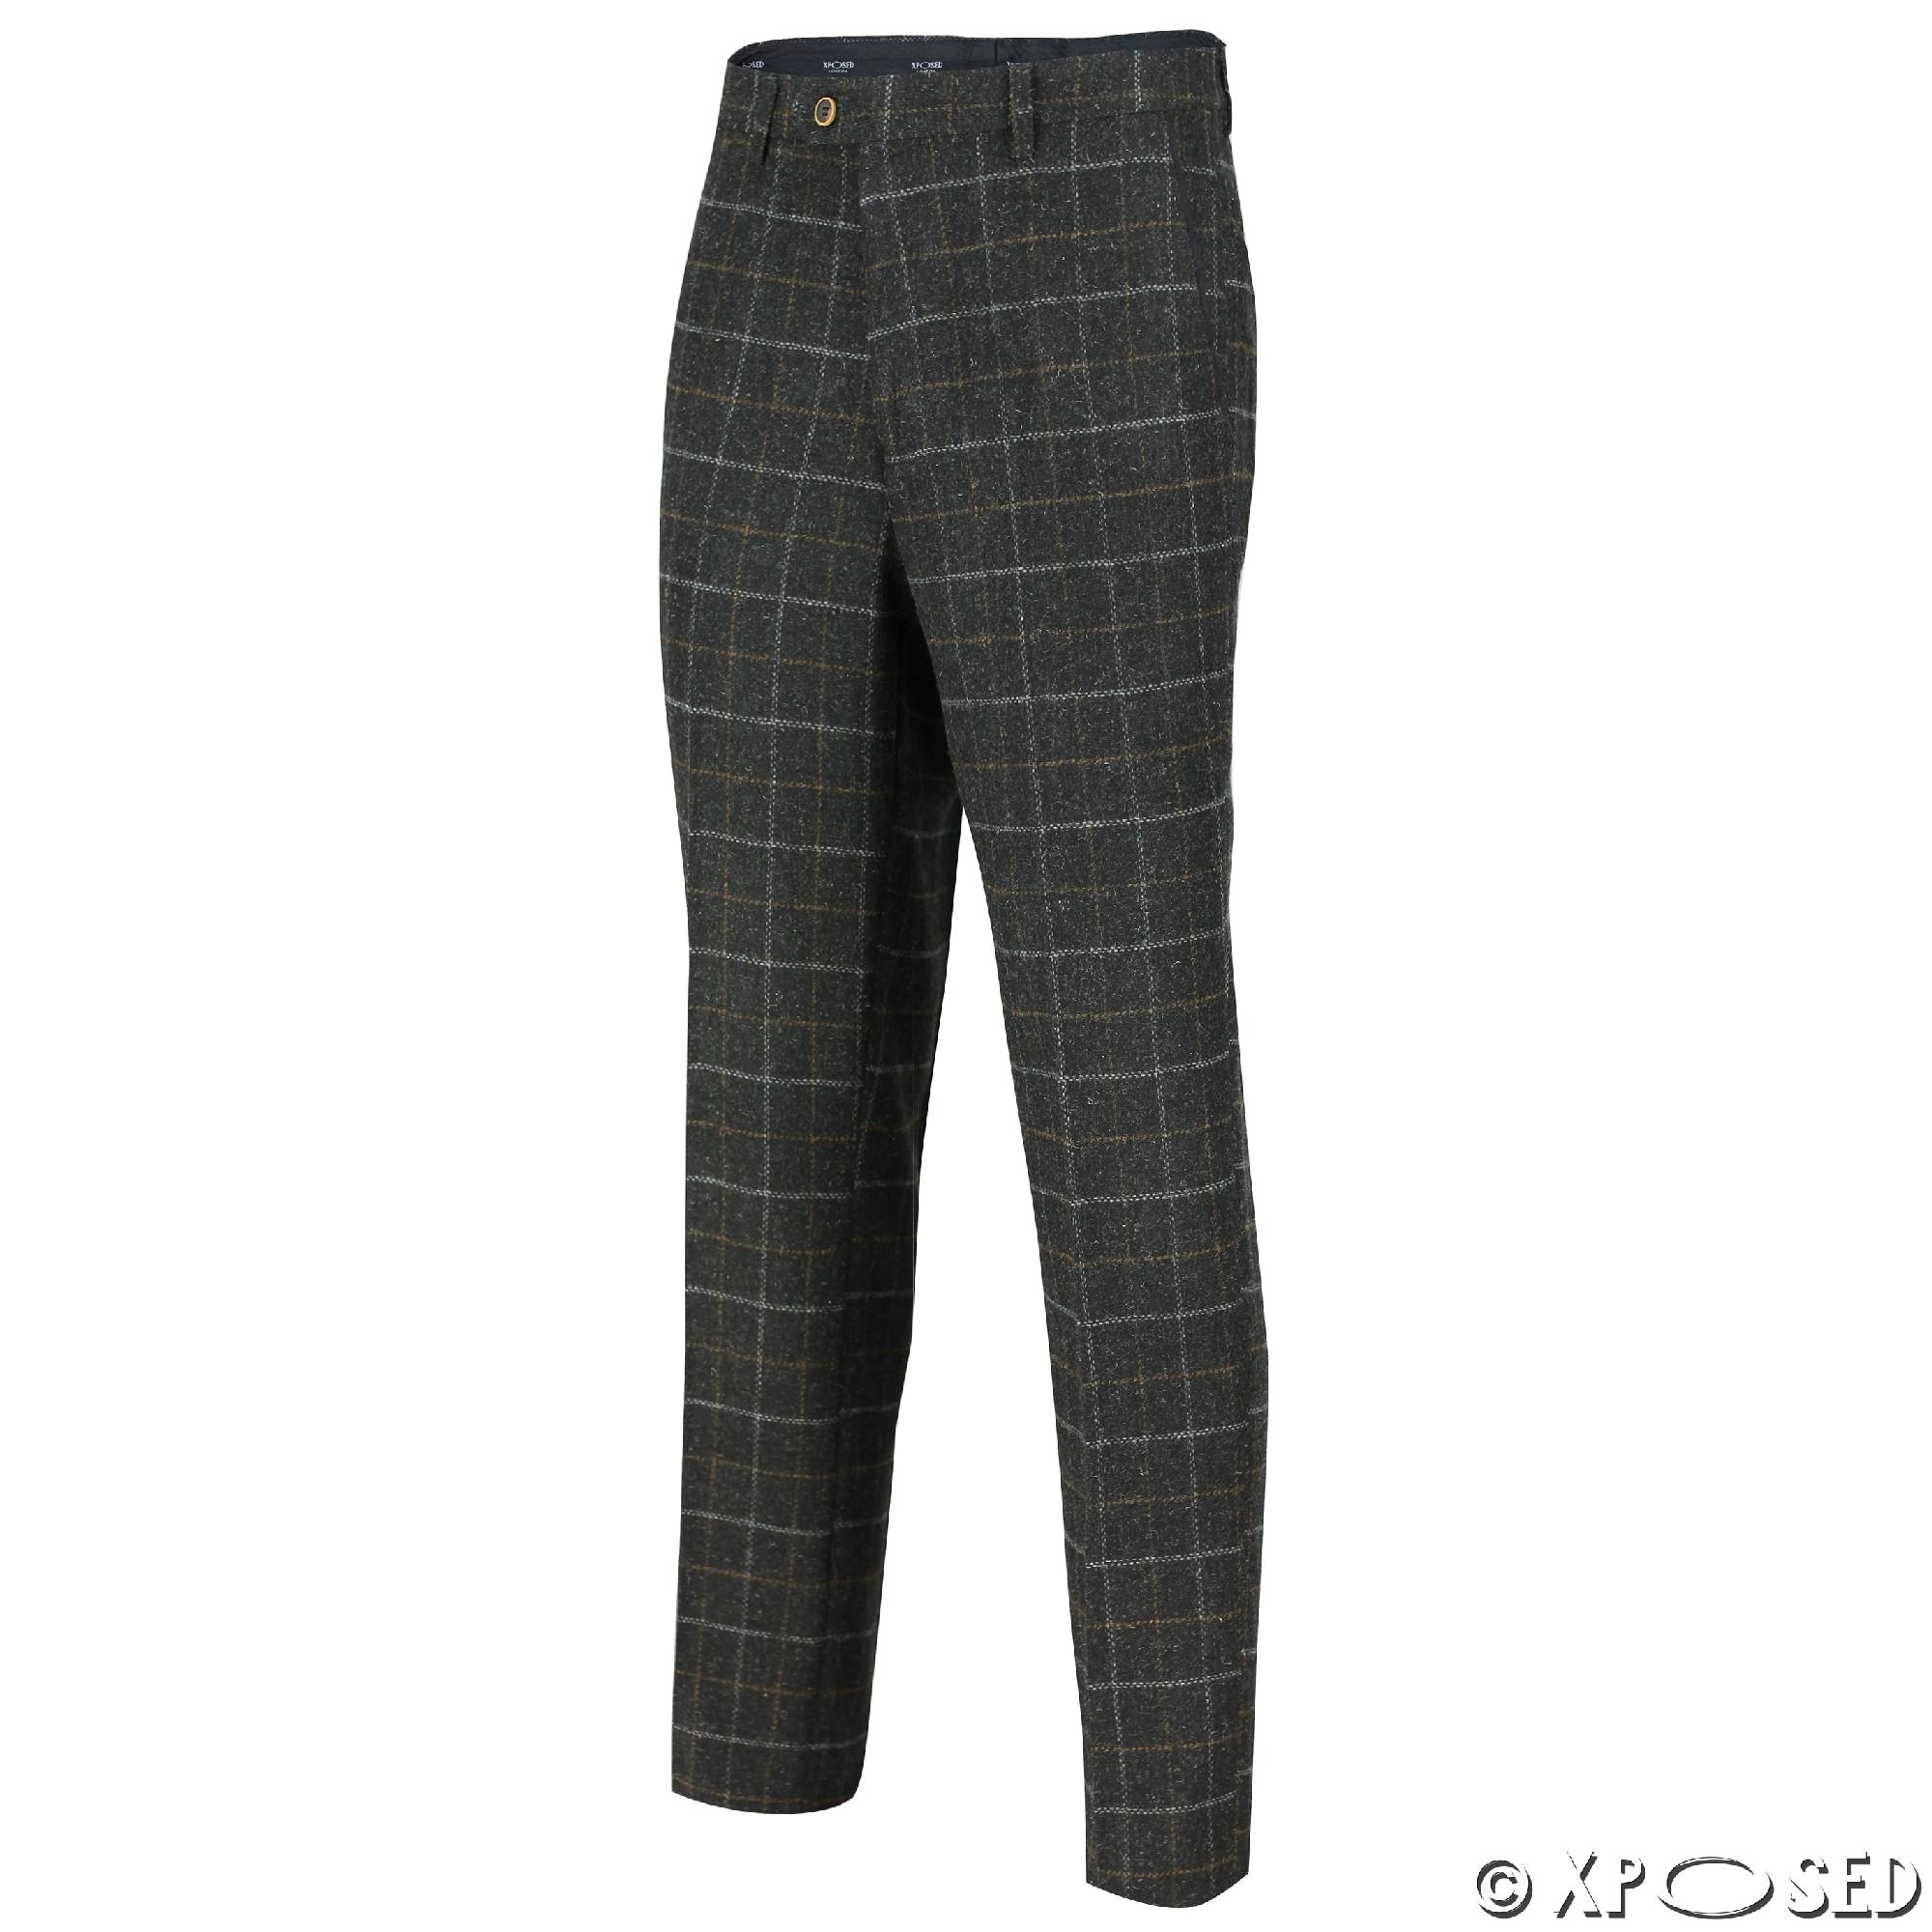 Mens Tweed Trousers Vintage Herringbone Checks Slim Fit Grey Brown Green Pants | EBay